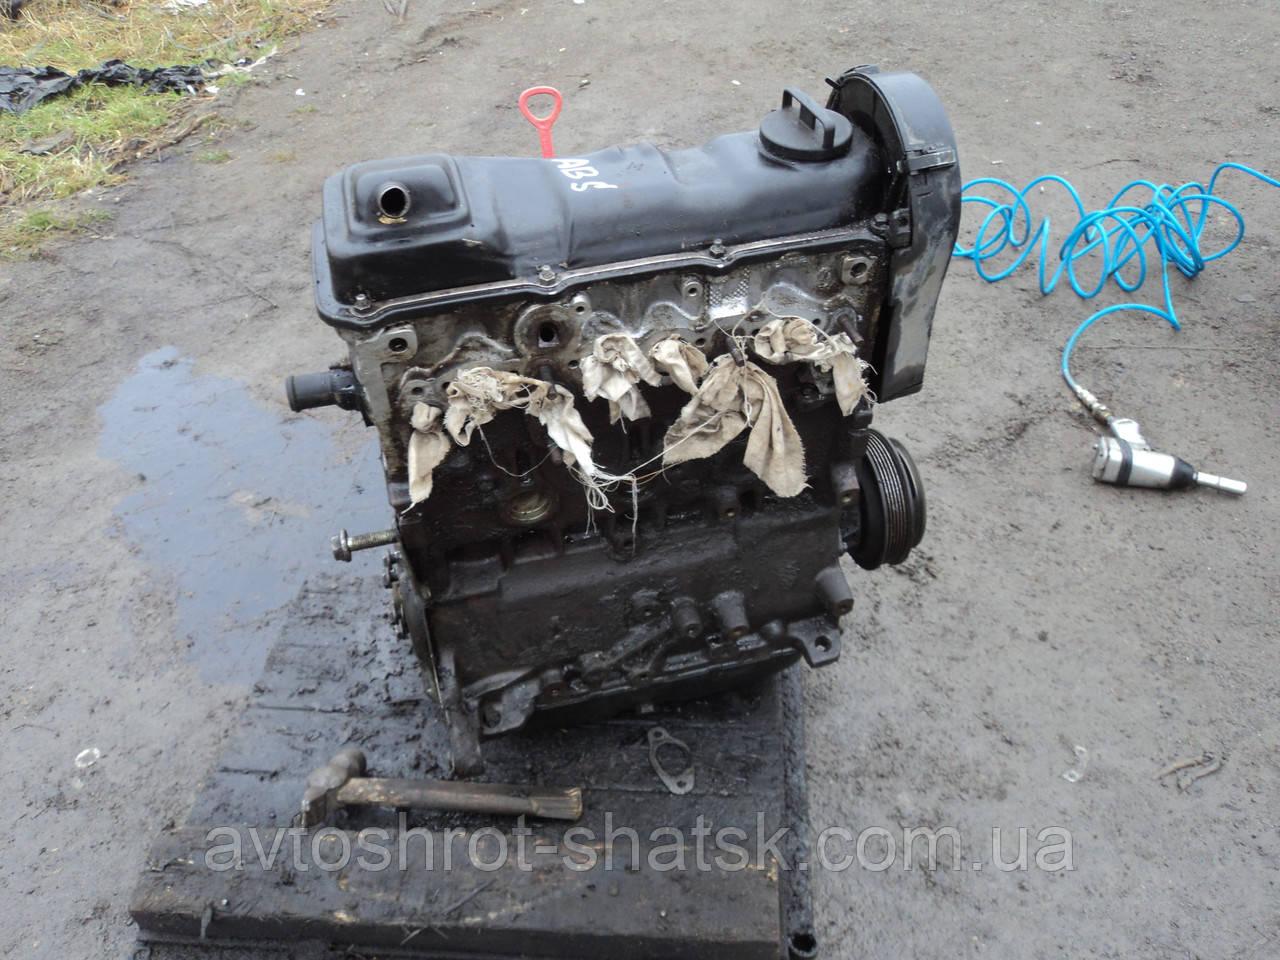 Б/У двигатель фольцваген гольф 3 1.8 ABS